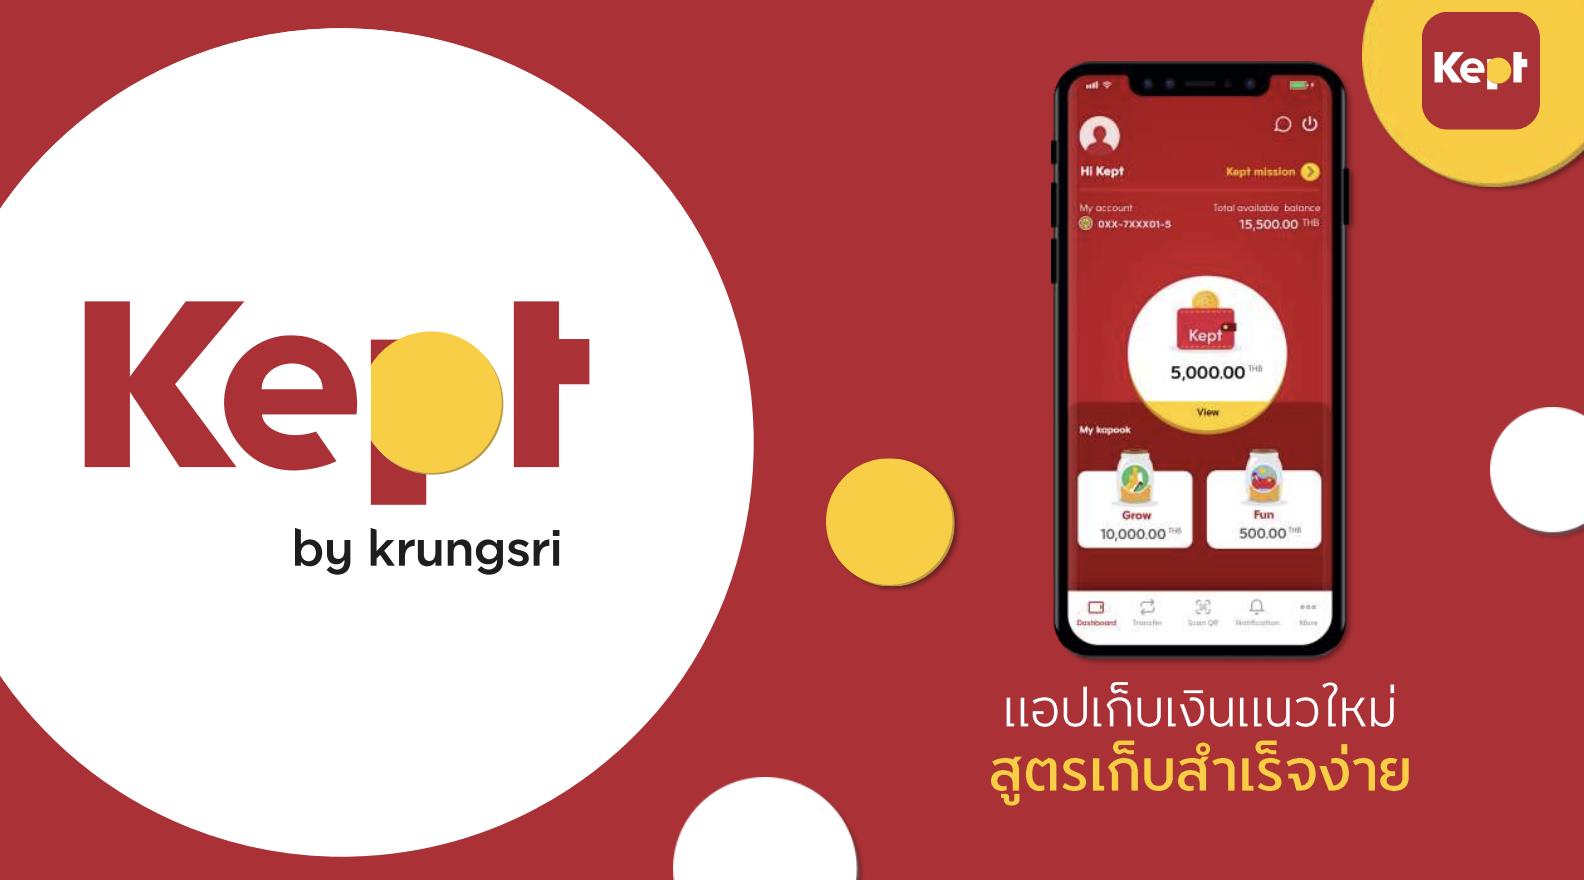 Application อยากรวยเร็วลองหันมาใช้กรุงศรี KEPT by Krungsri  กันเถอะ